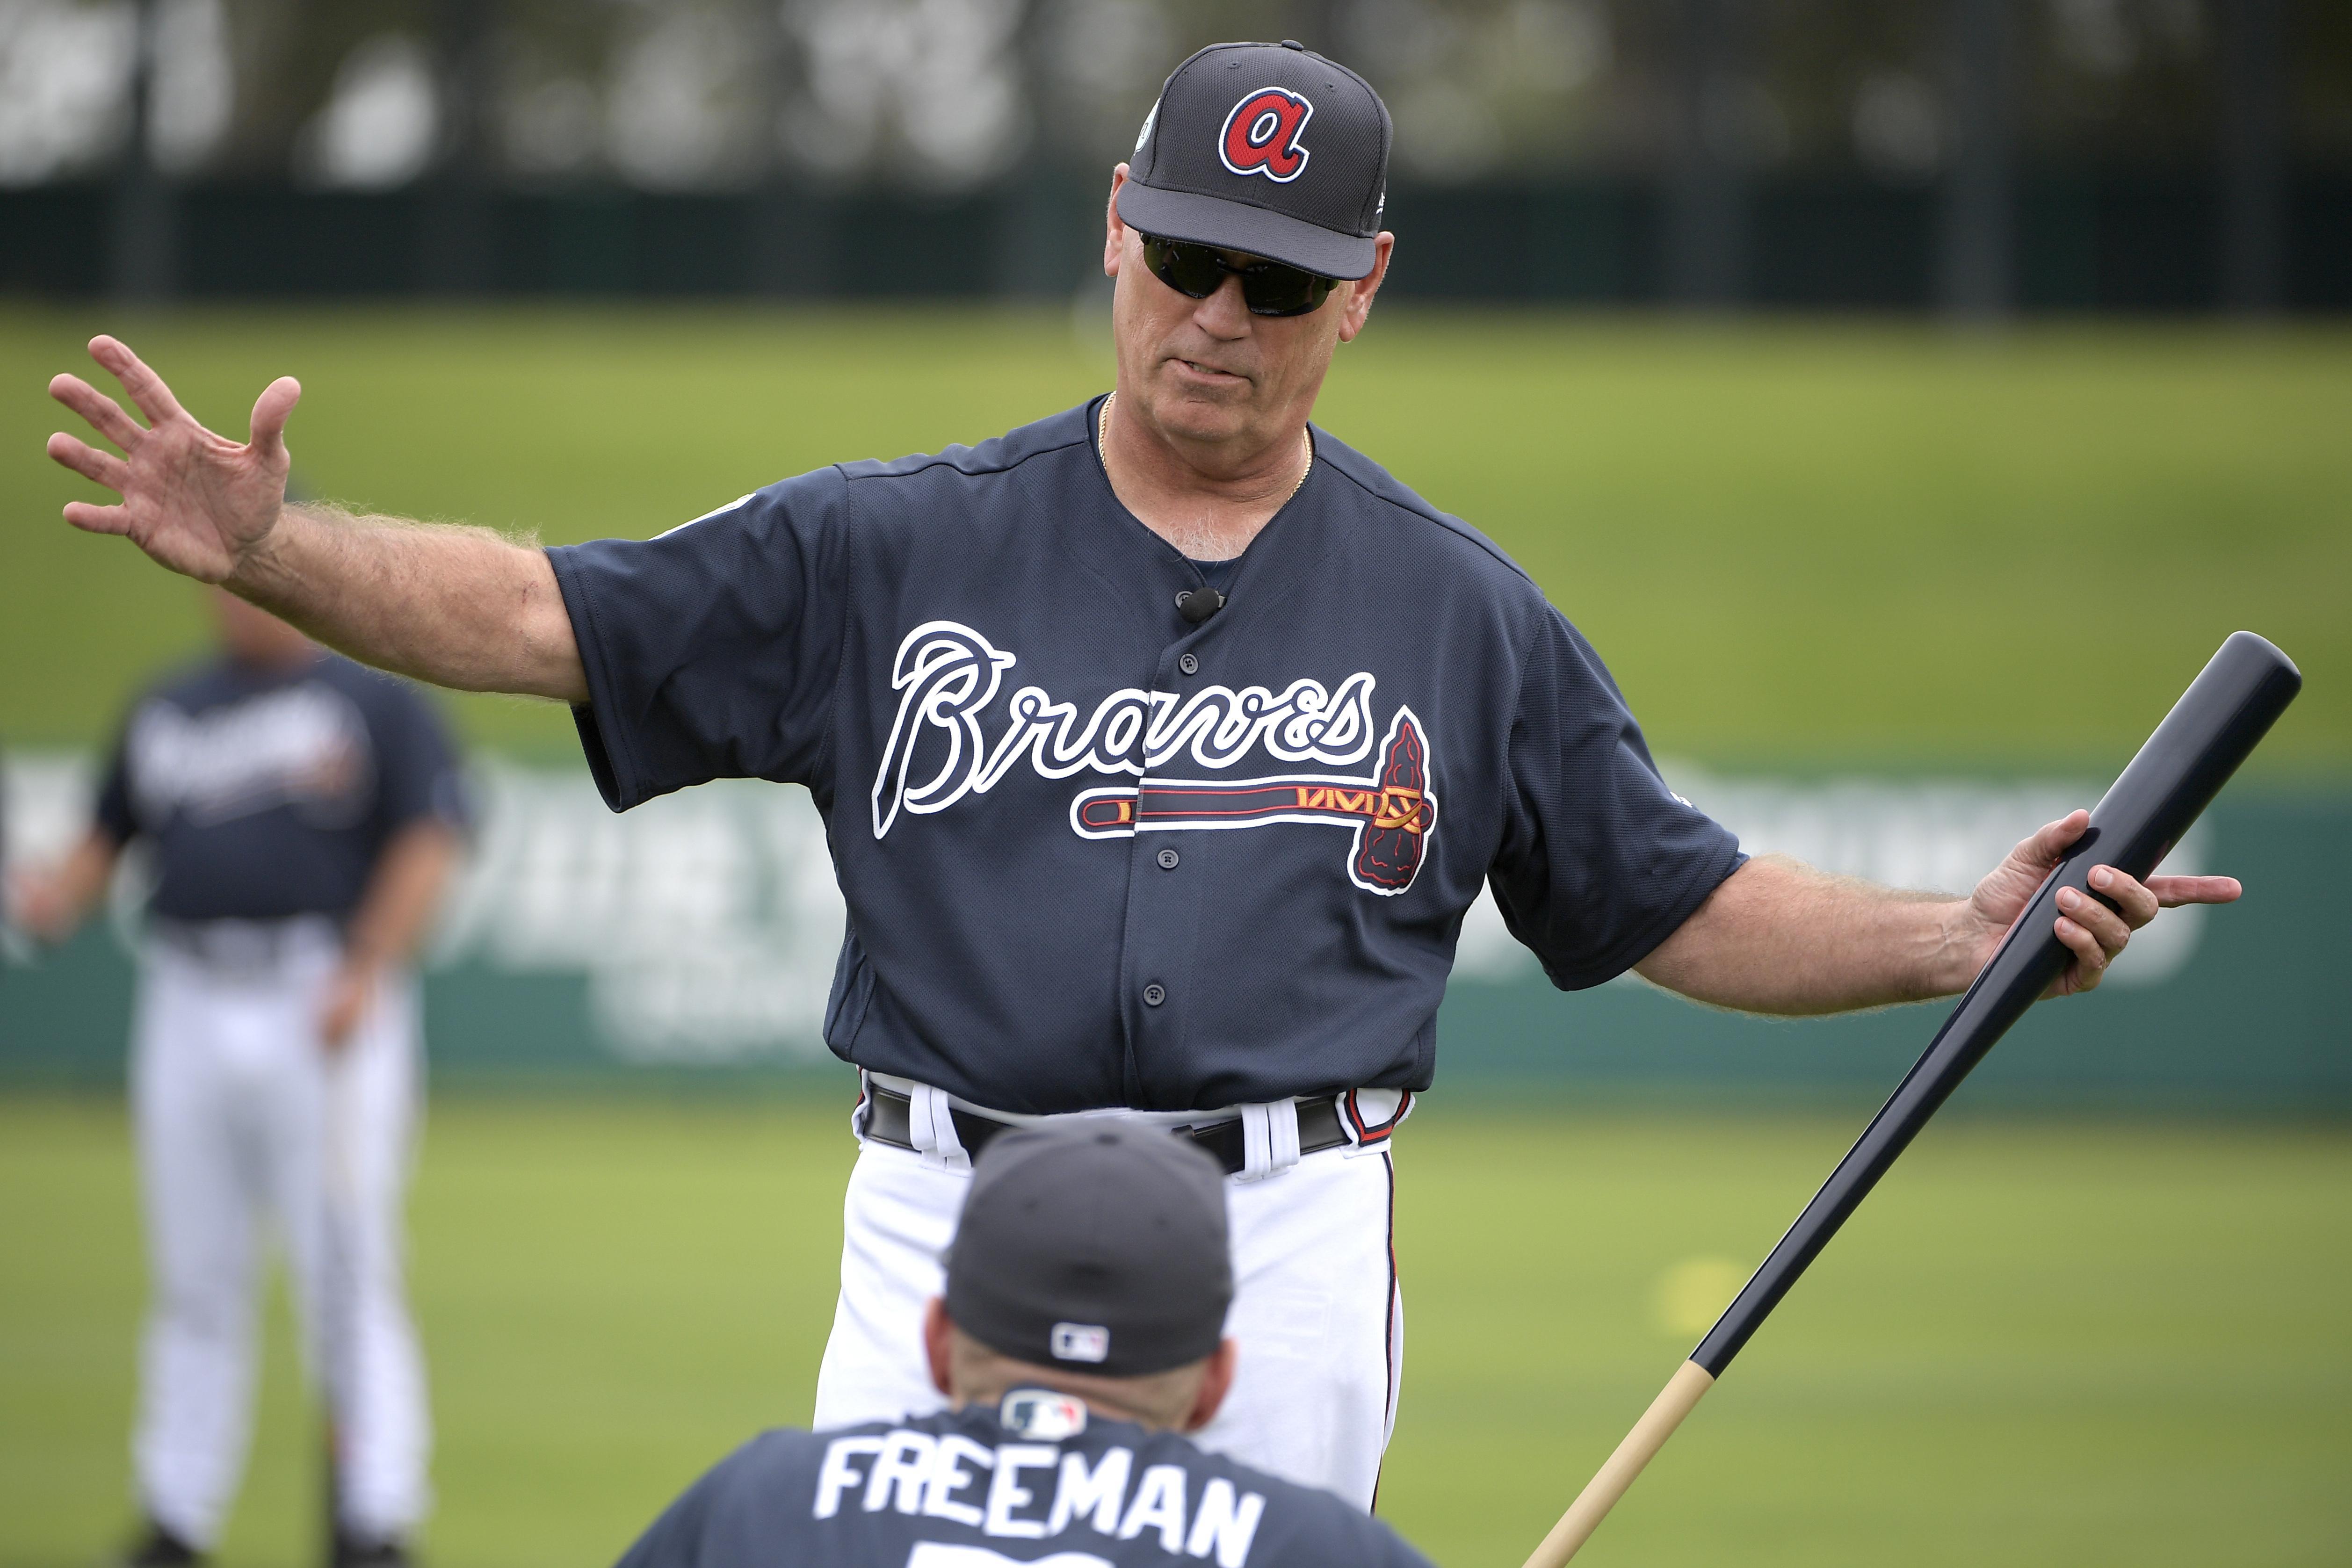 Braves_snitker_chance_baseball_78775